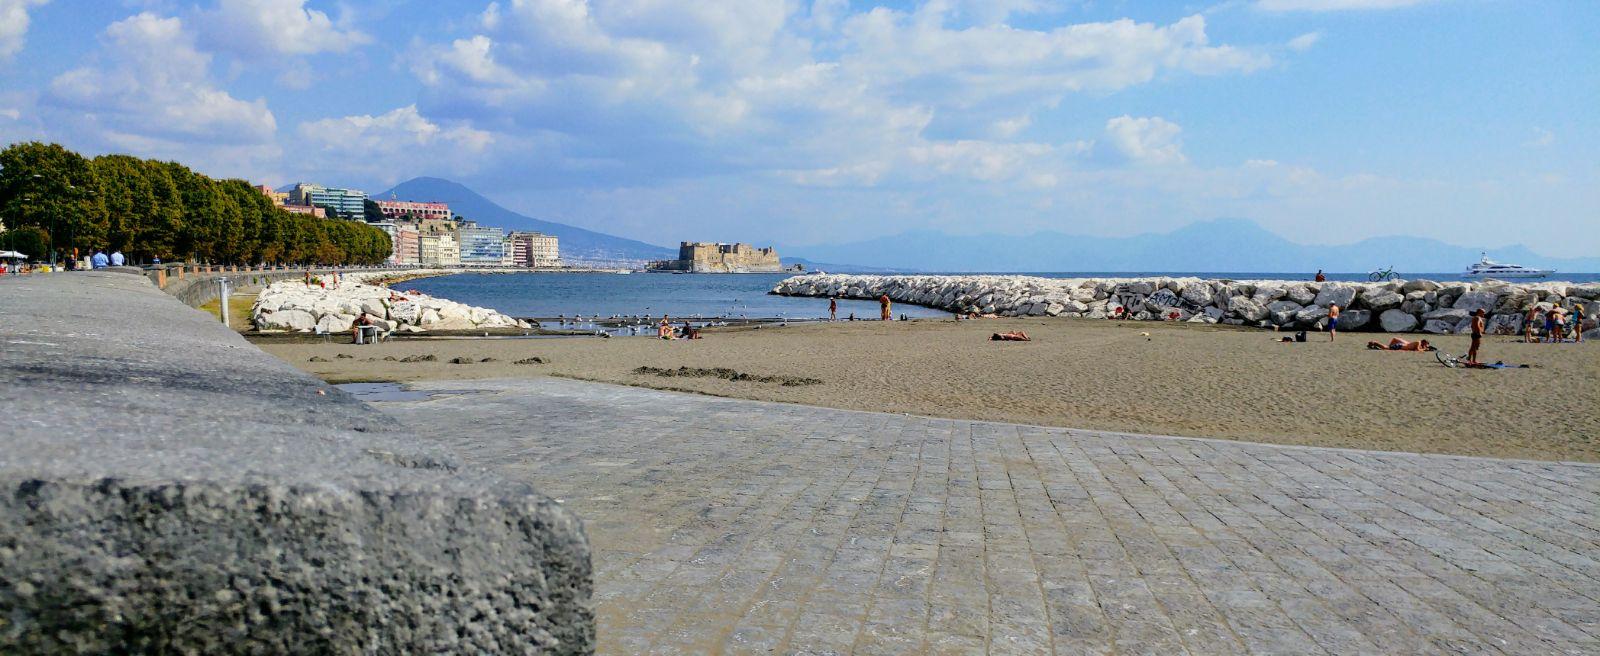 Eventi intorno al Vesuvio: settimana 2-8 ottobre 2017